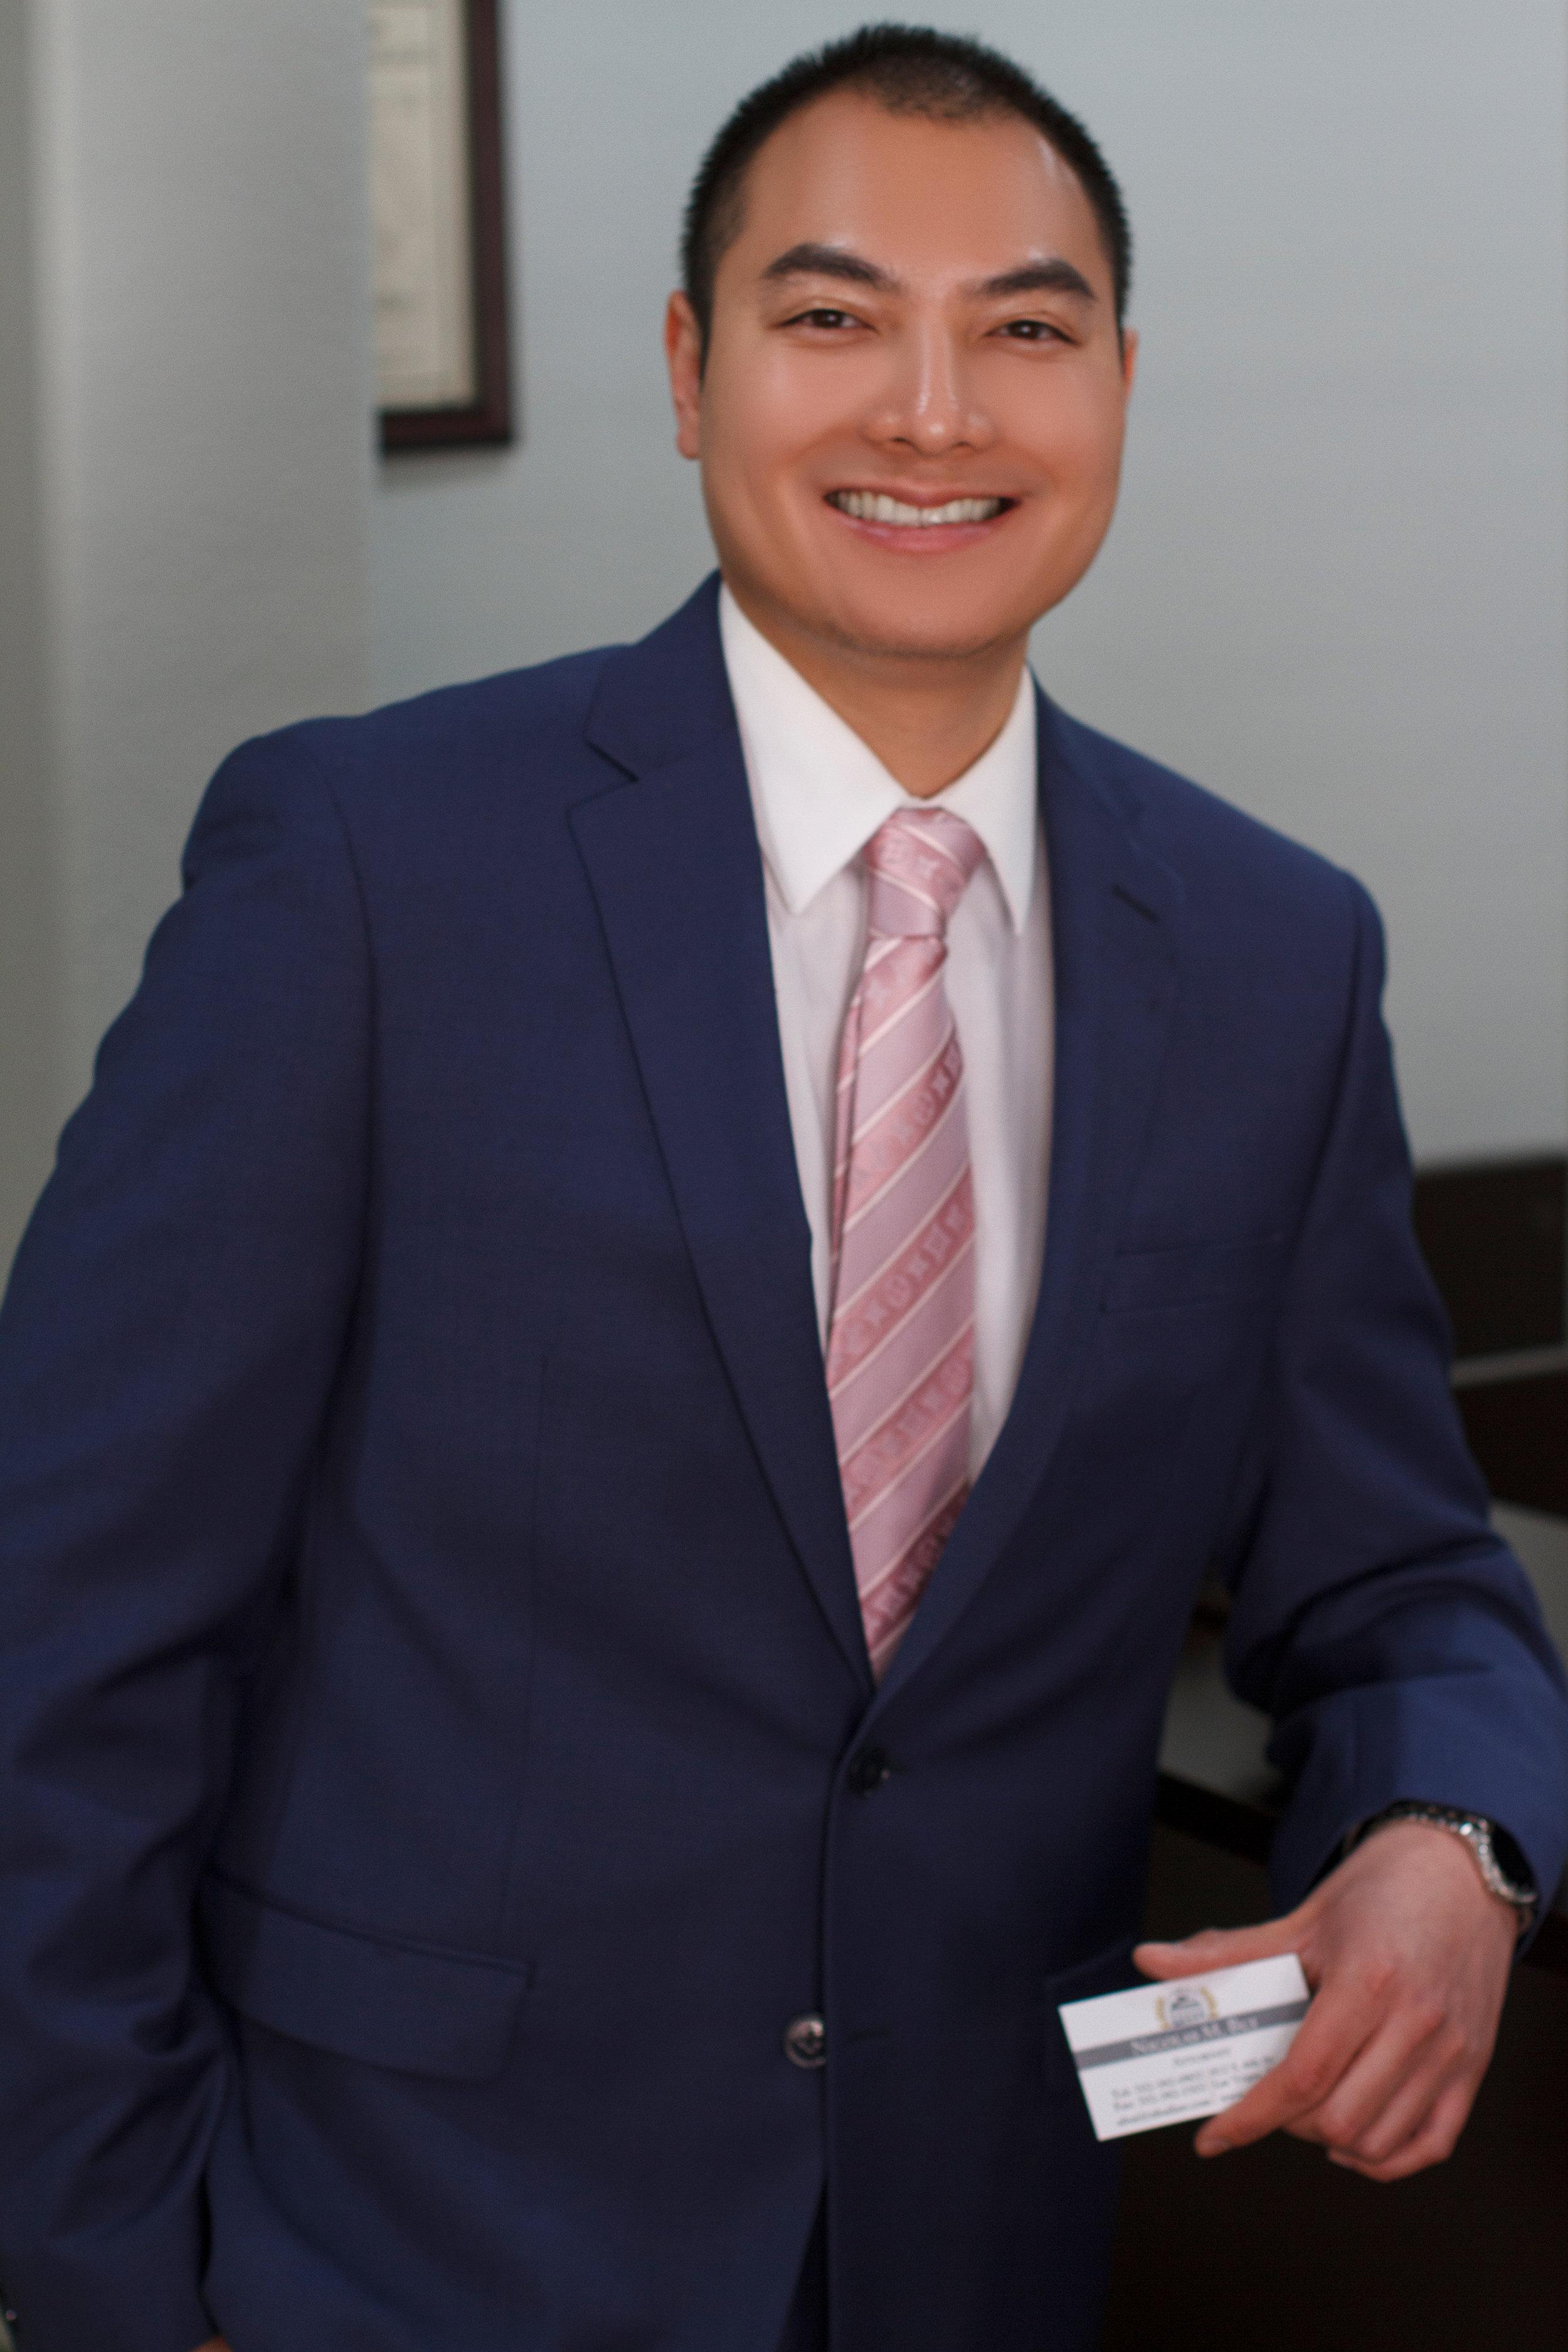 Attorney Nicolas M. Bui